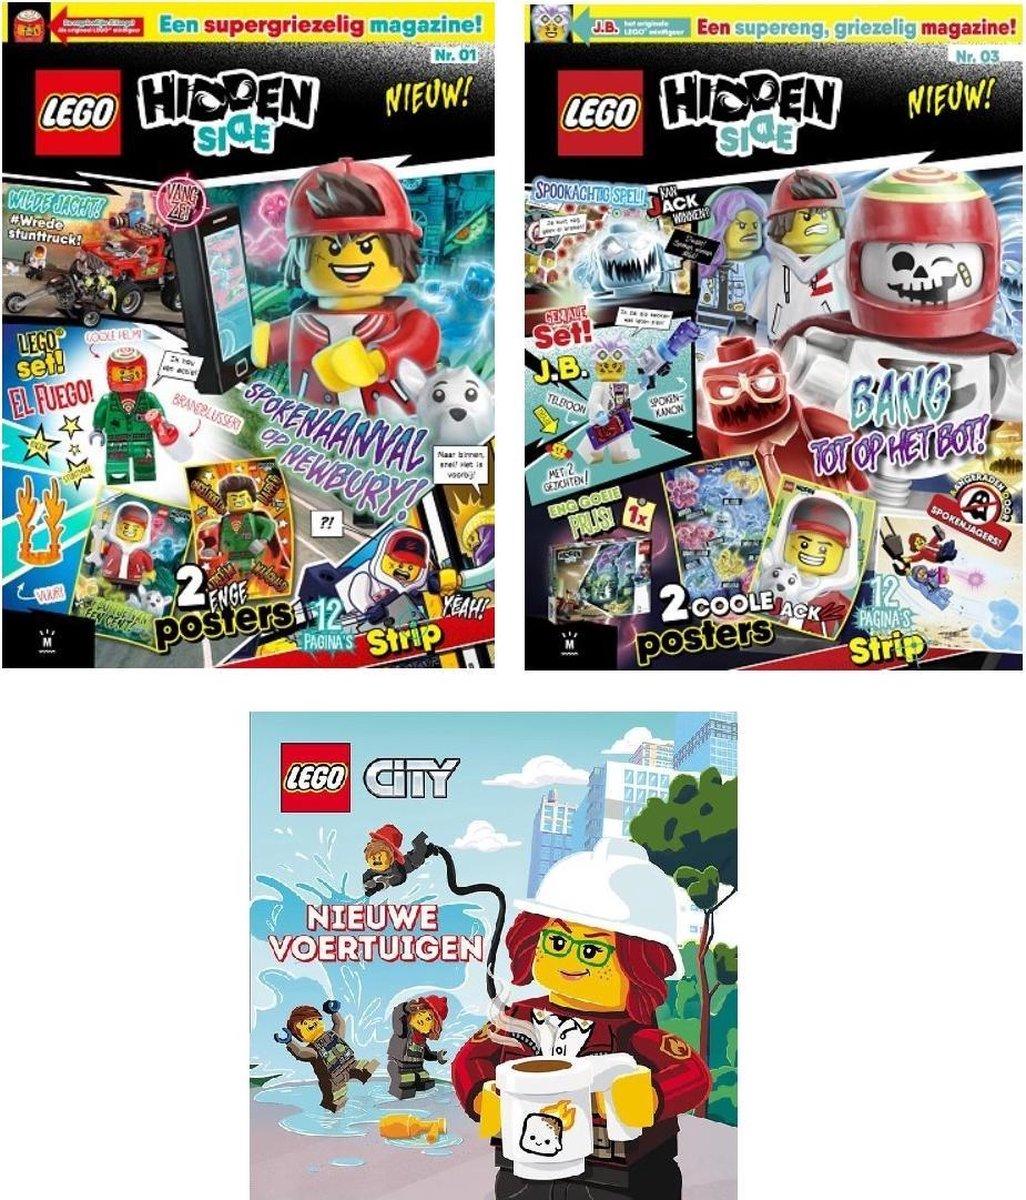 Lego - City - Boekje - Nieuwe voertuigen - 3 Pack - Strip - Hidden Site - Met Lego poppetjes - Lego